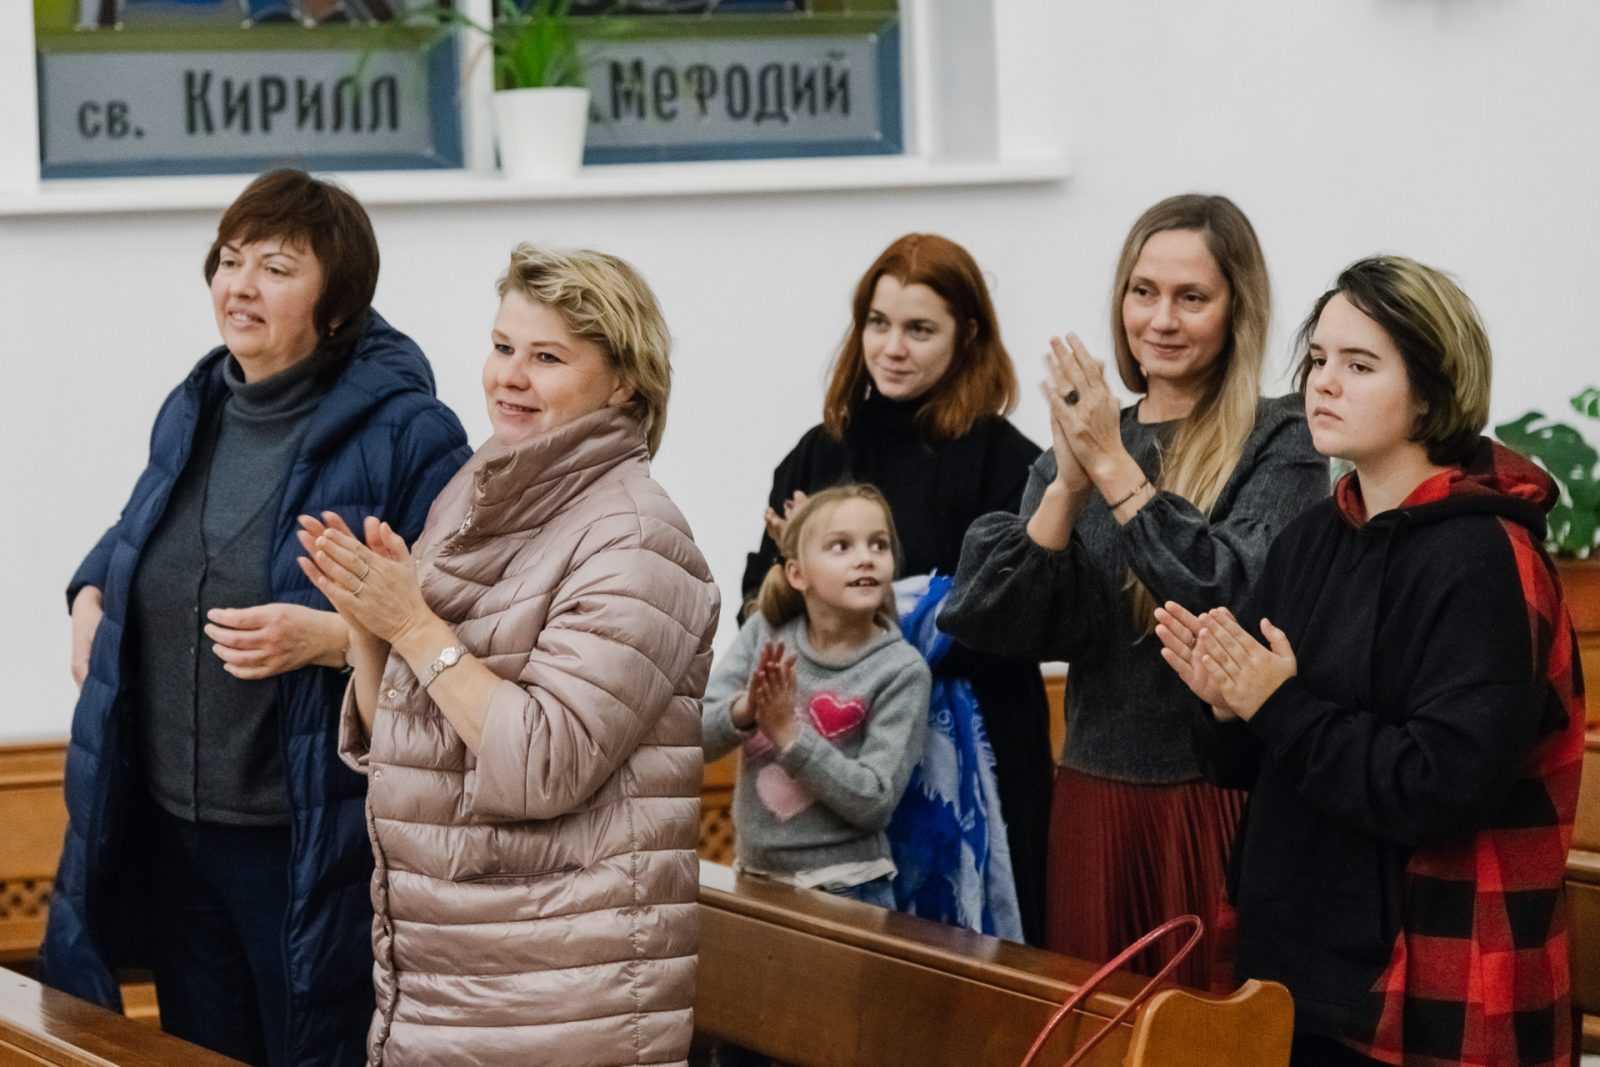 Музыка в храме КОНЦЕРТ «МАСТЕРА БАРОККО» 26.10.2019 41